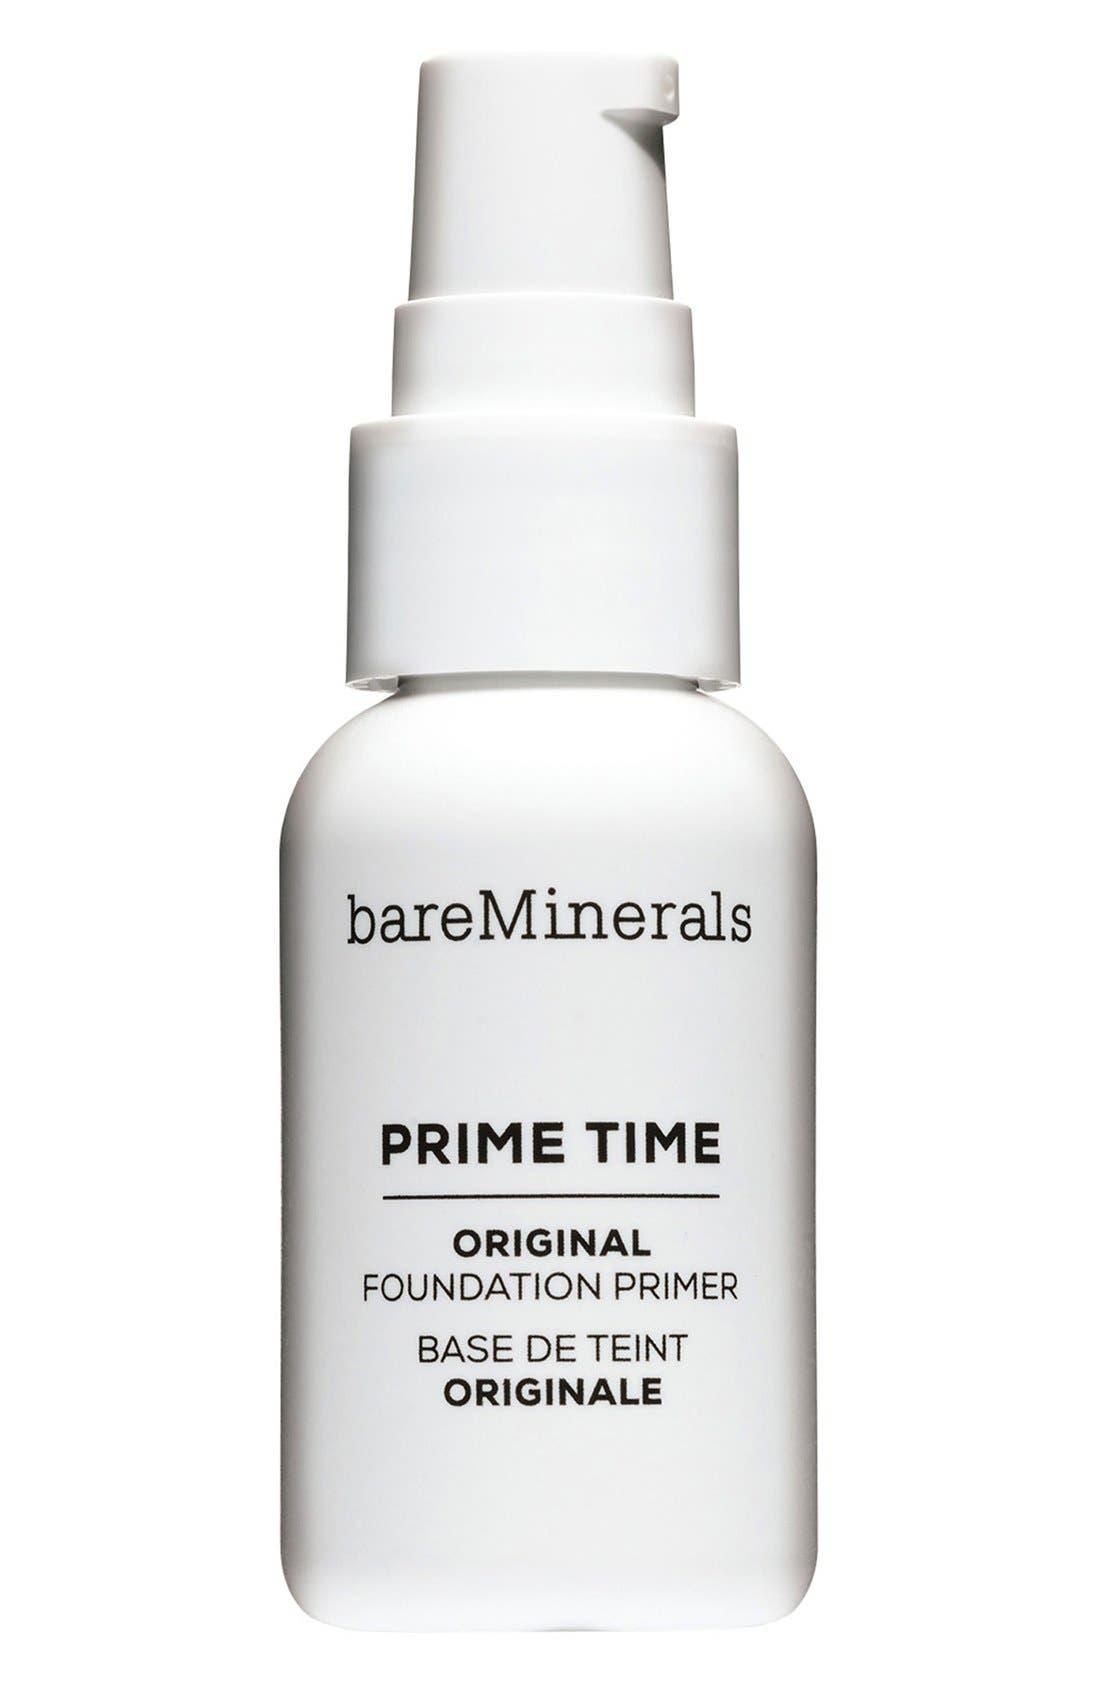 bareMinerals® Prime Time Original Foundation Primer